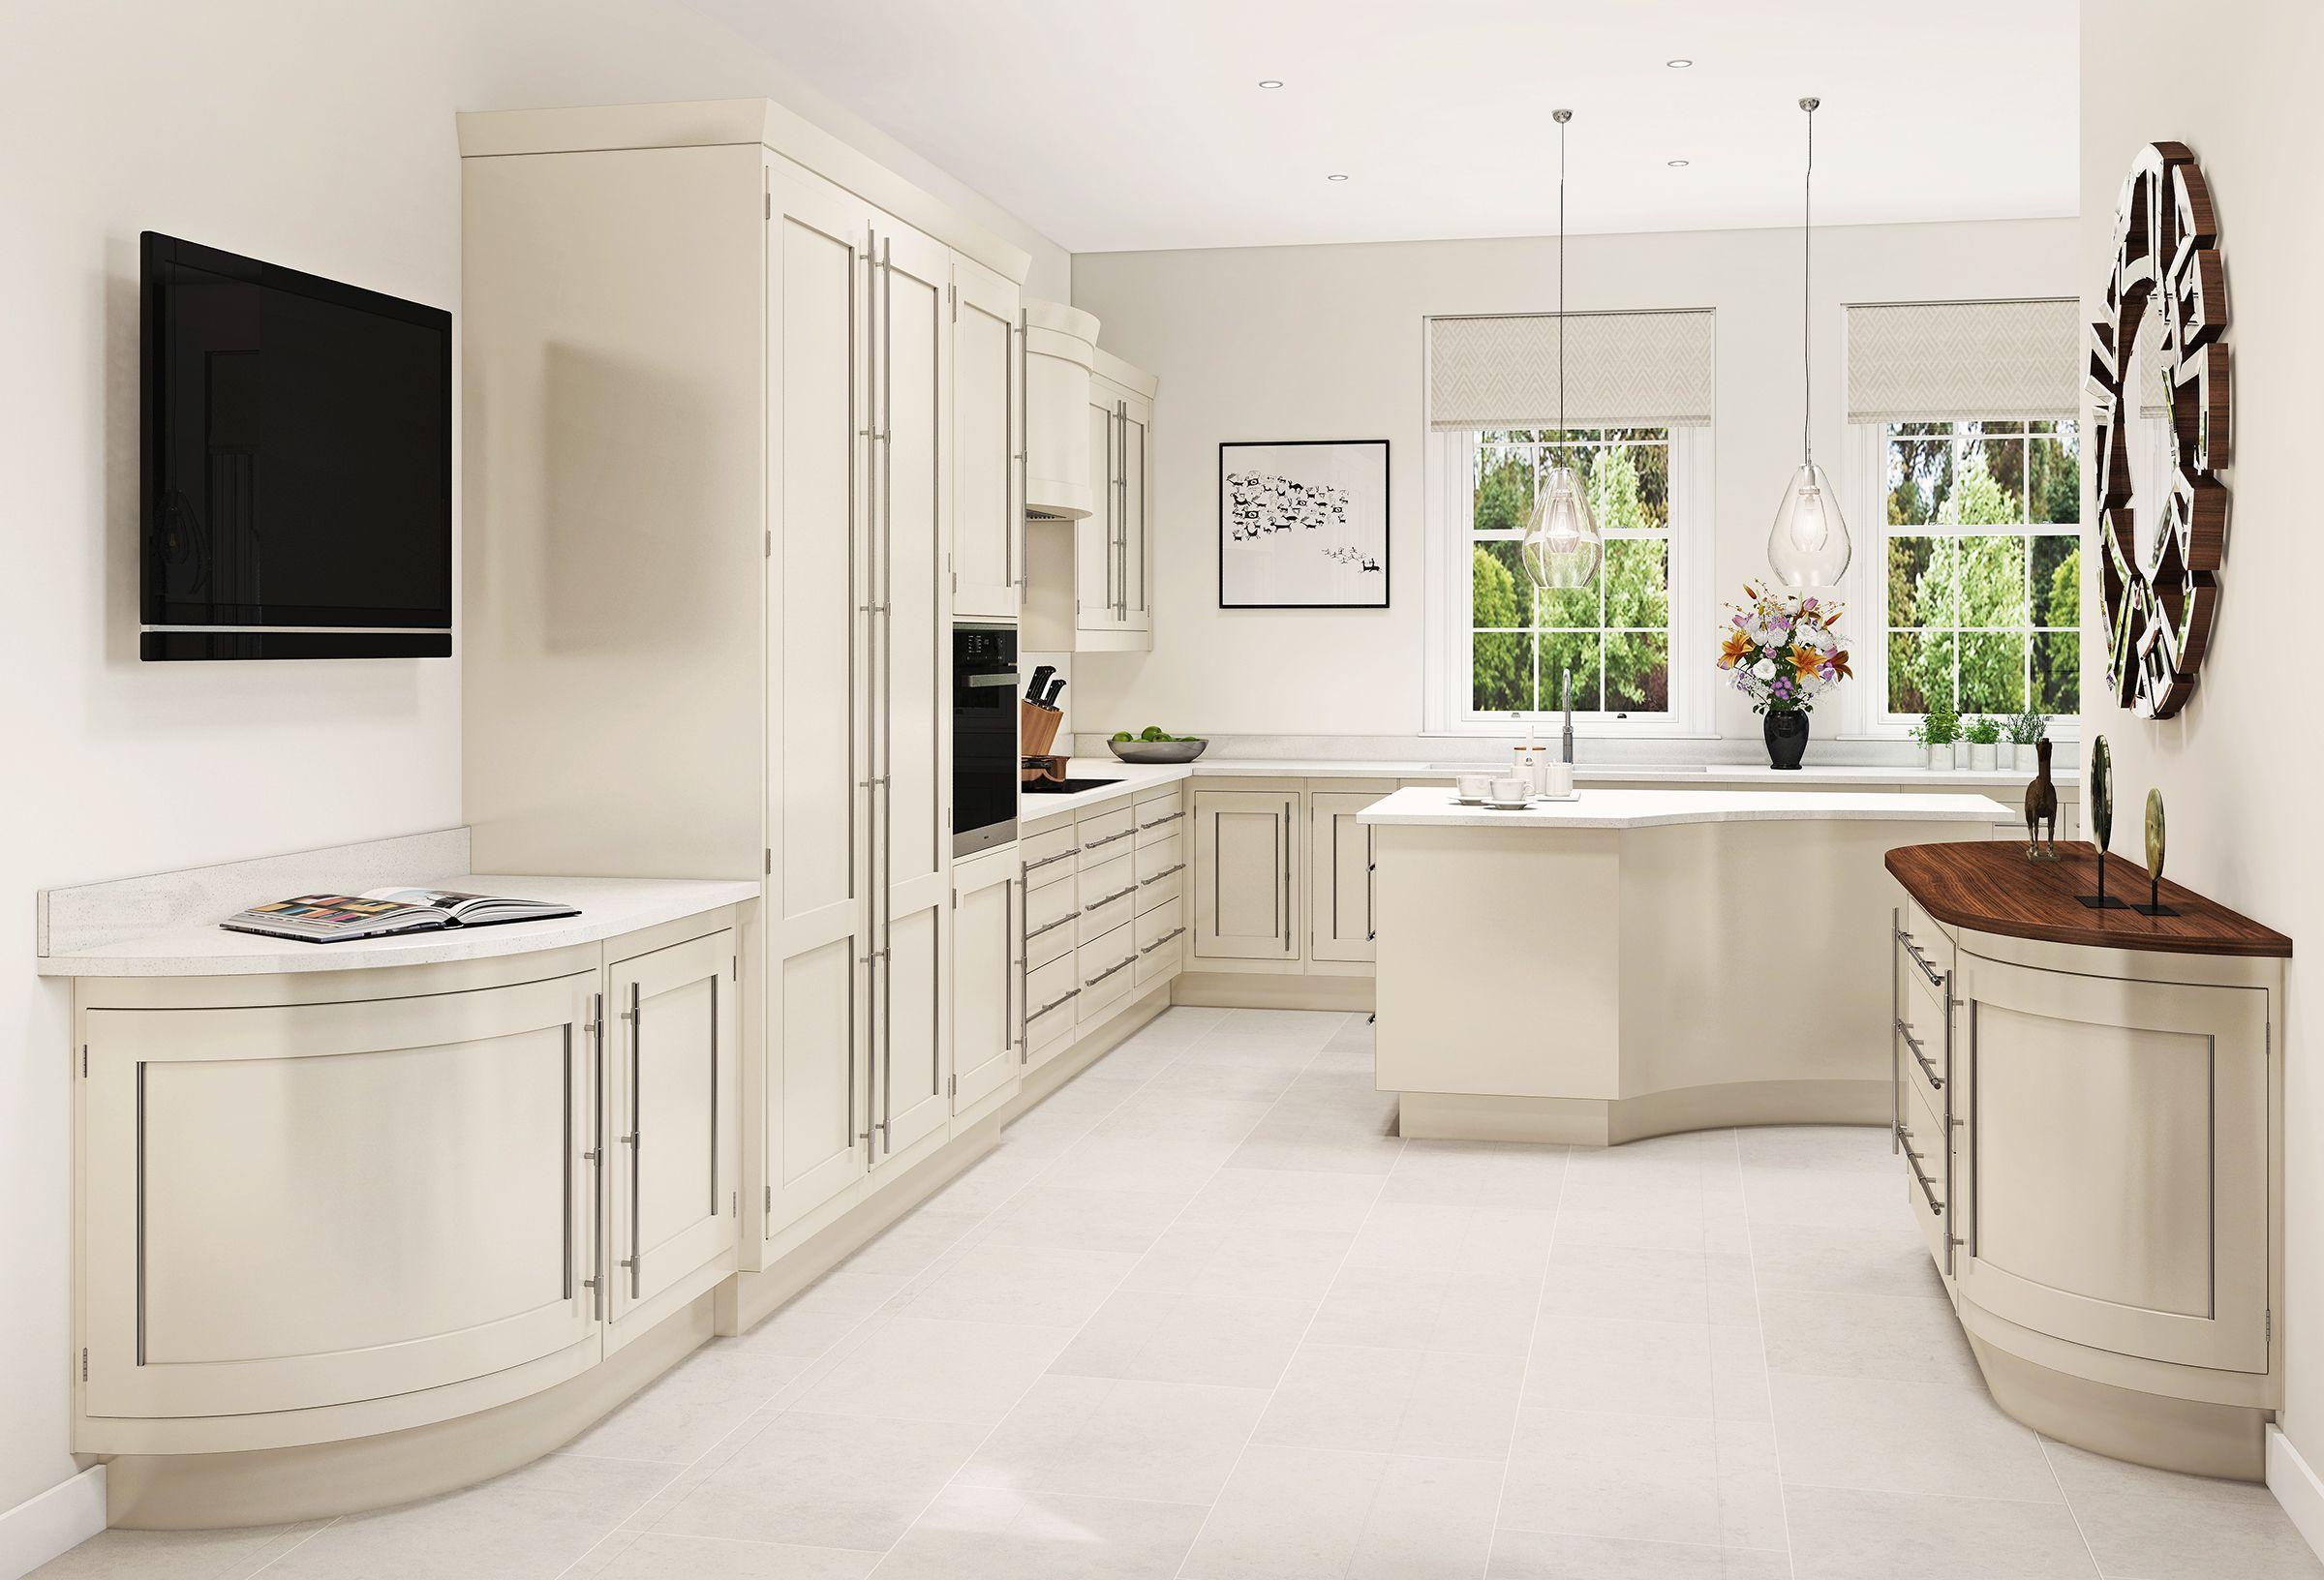 Mark Wilkinson Milan kitchen CGI Kitchen, Kitchen